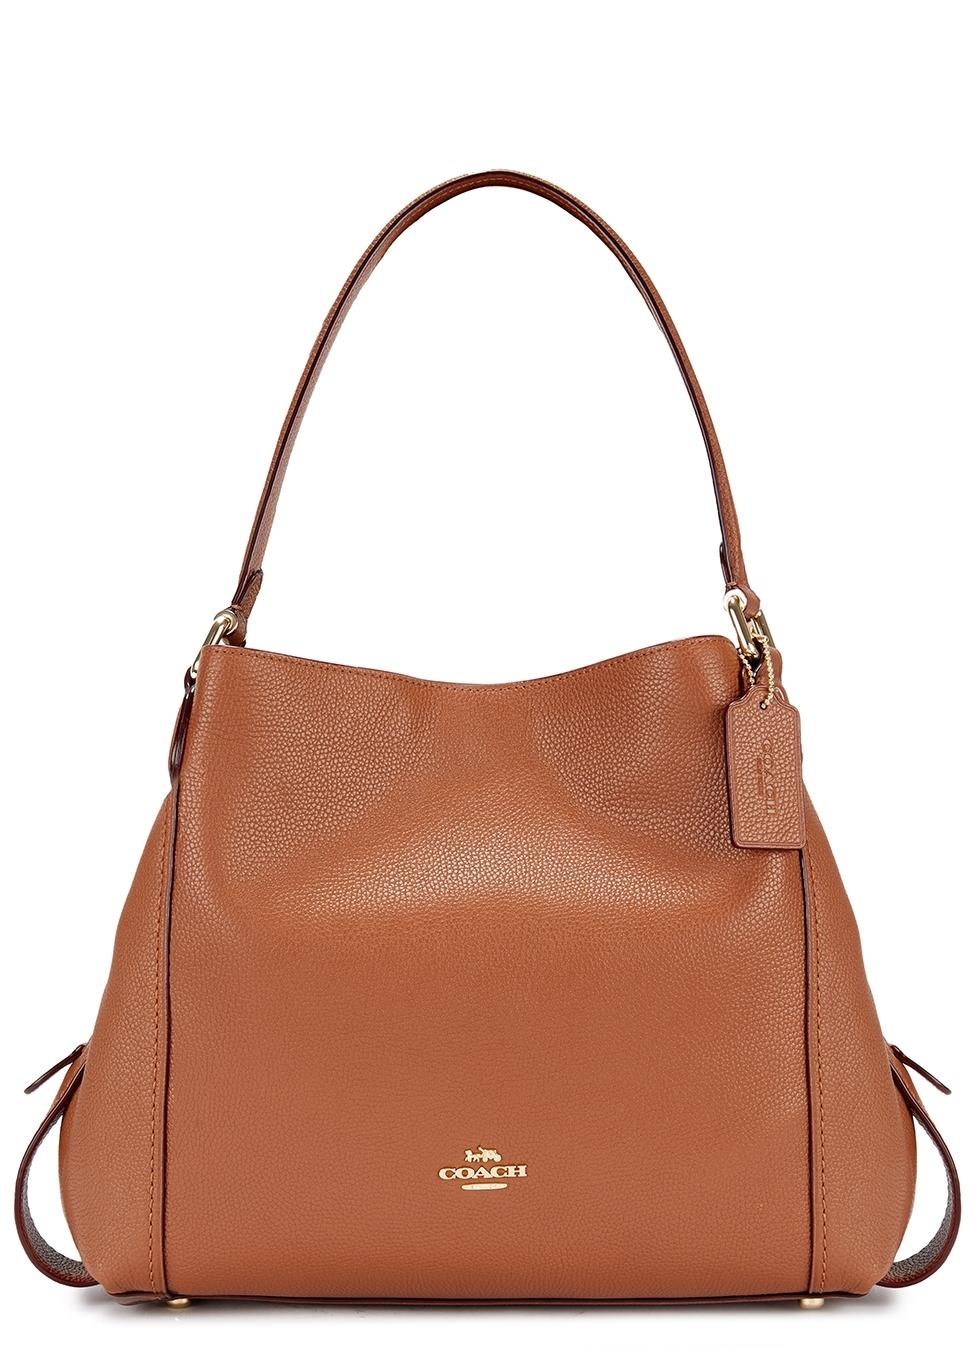 4eb99280b032 Coach - Designer Bags